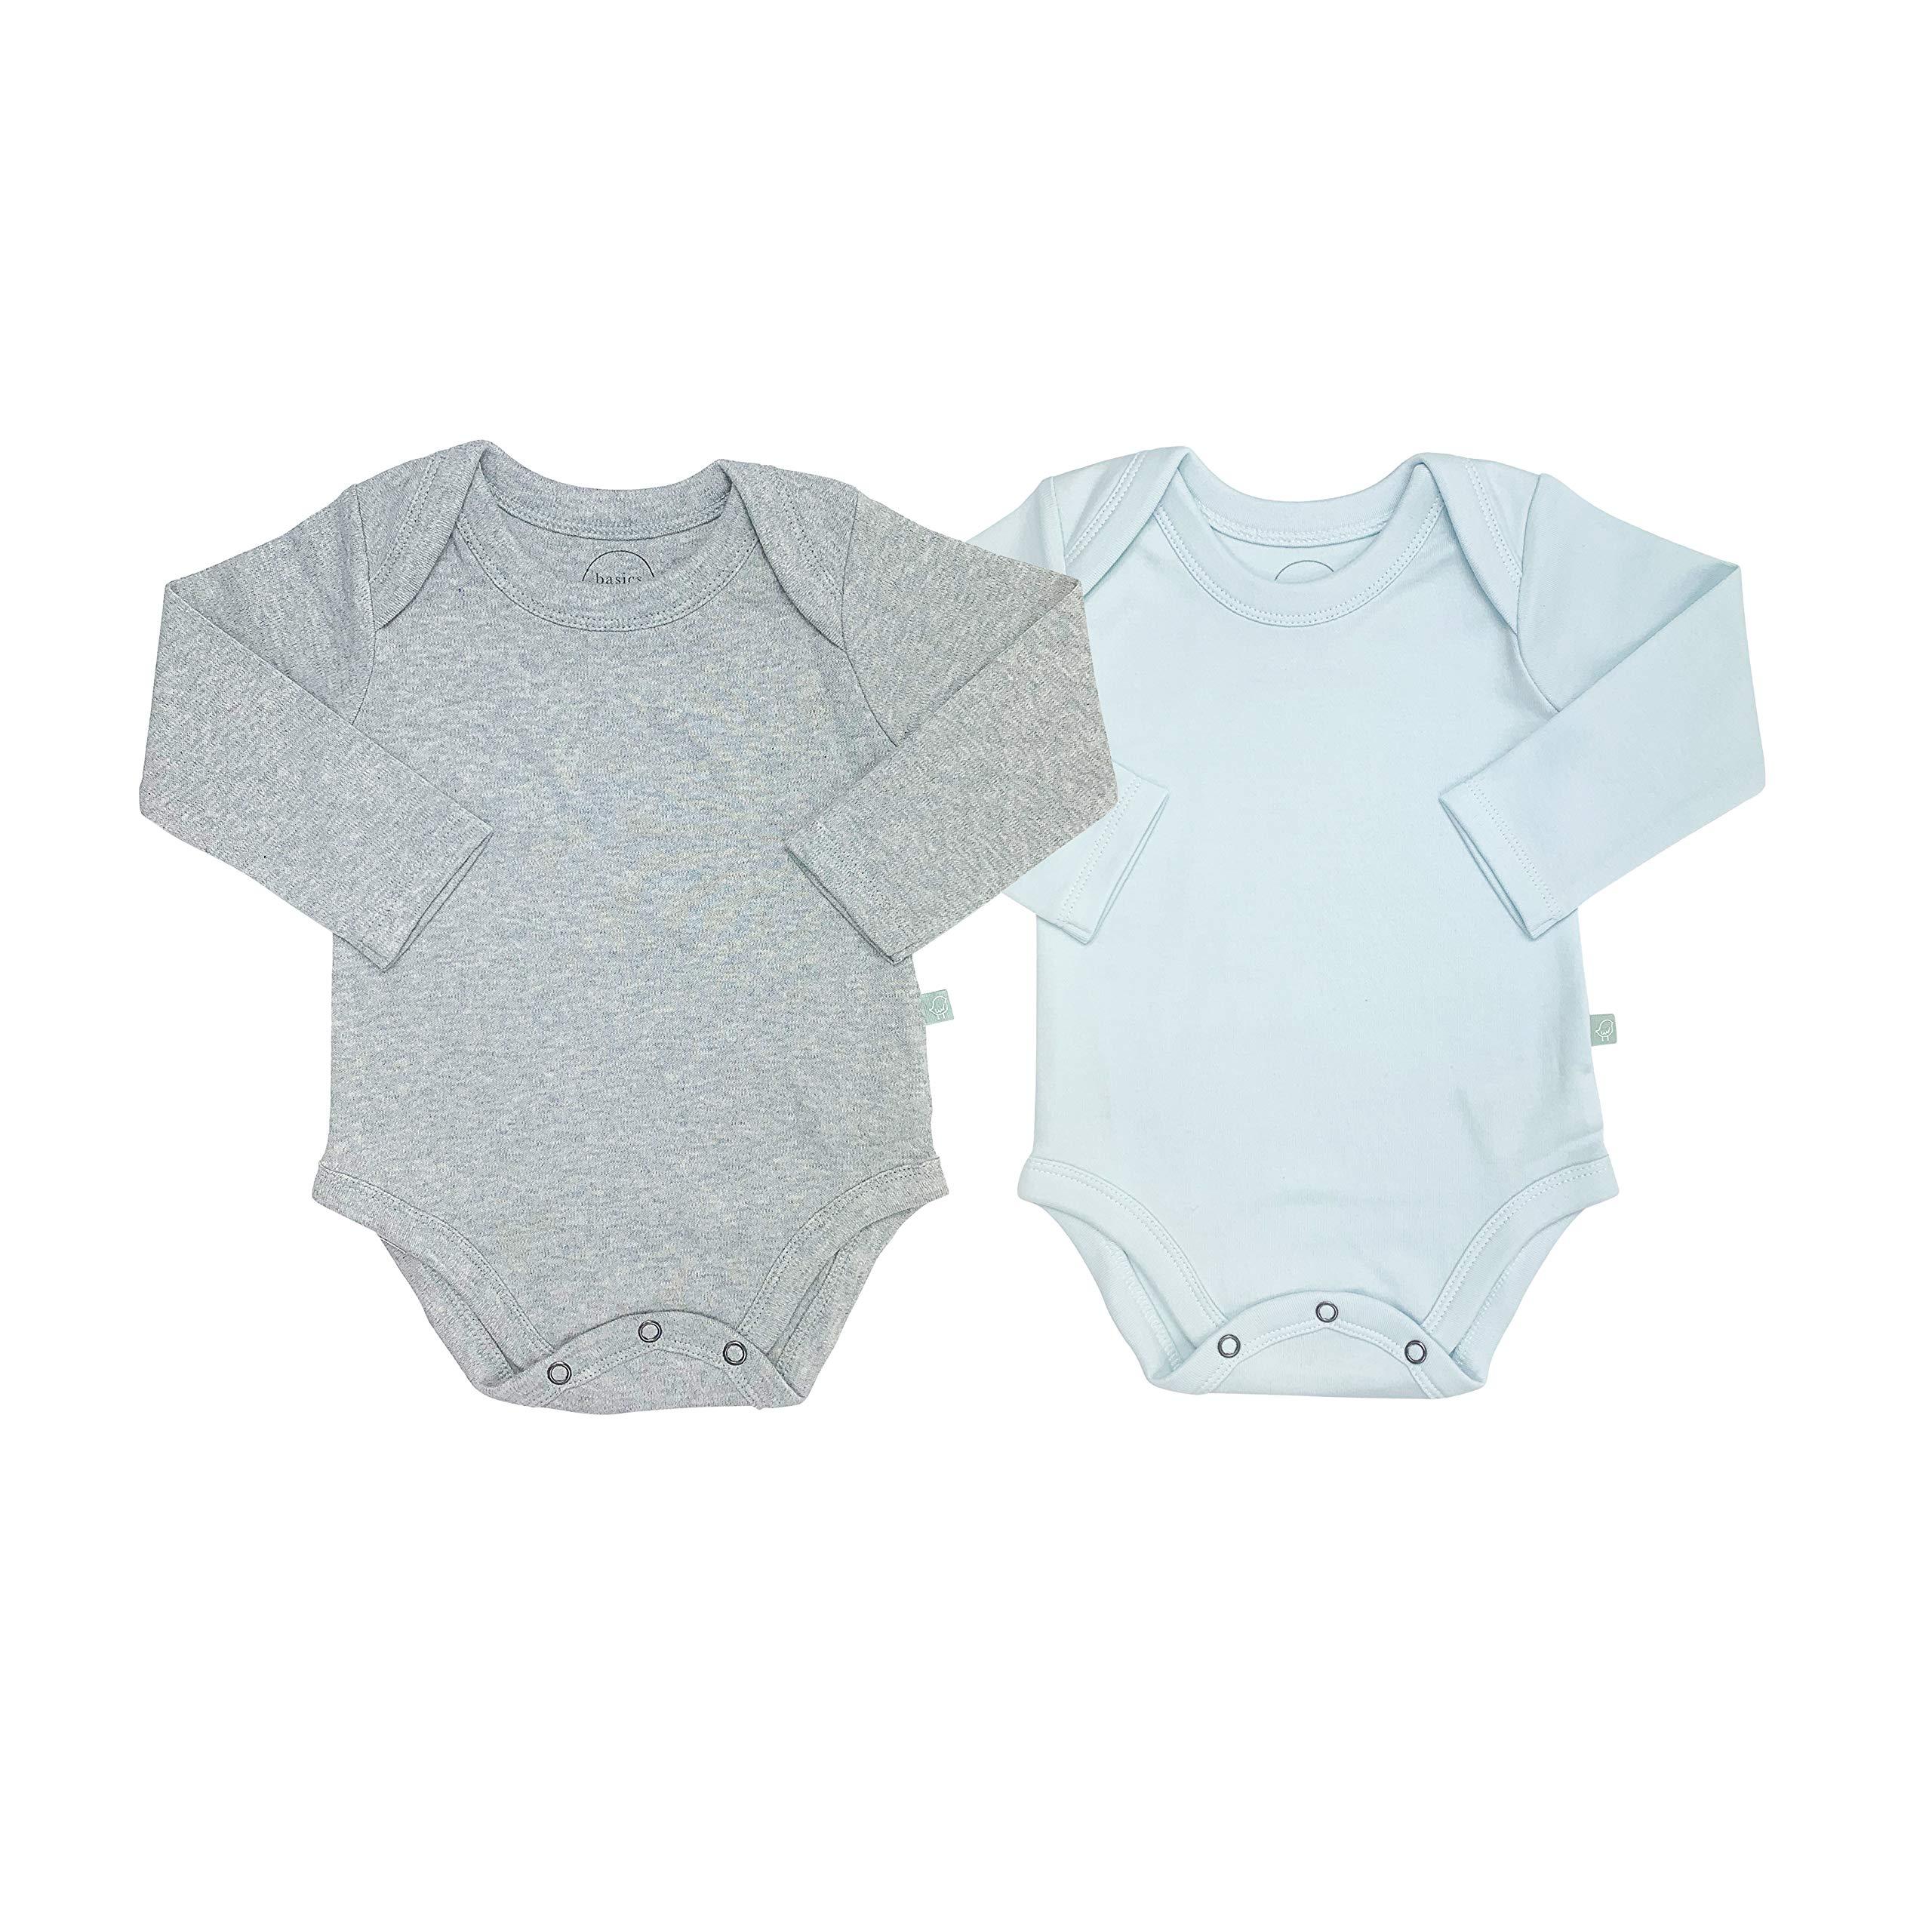 Finn + Emma Basics 2 Pack Long Sleeve Baby Bodysuit - Light Blue & Heather Gray, 3-6m